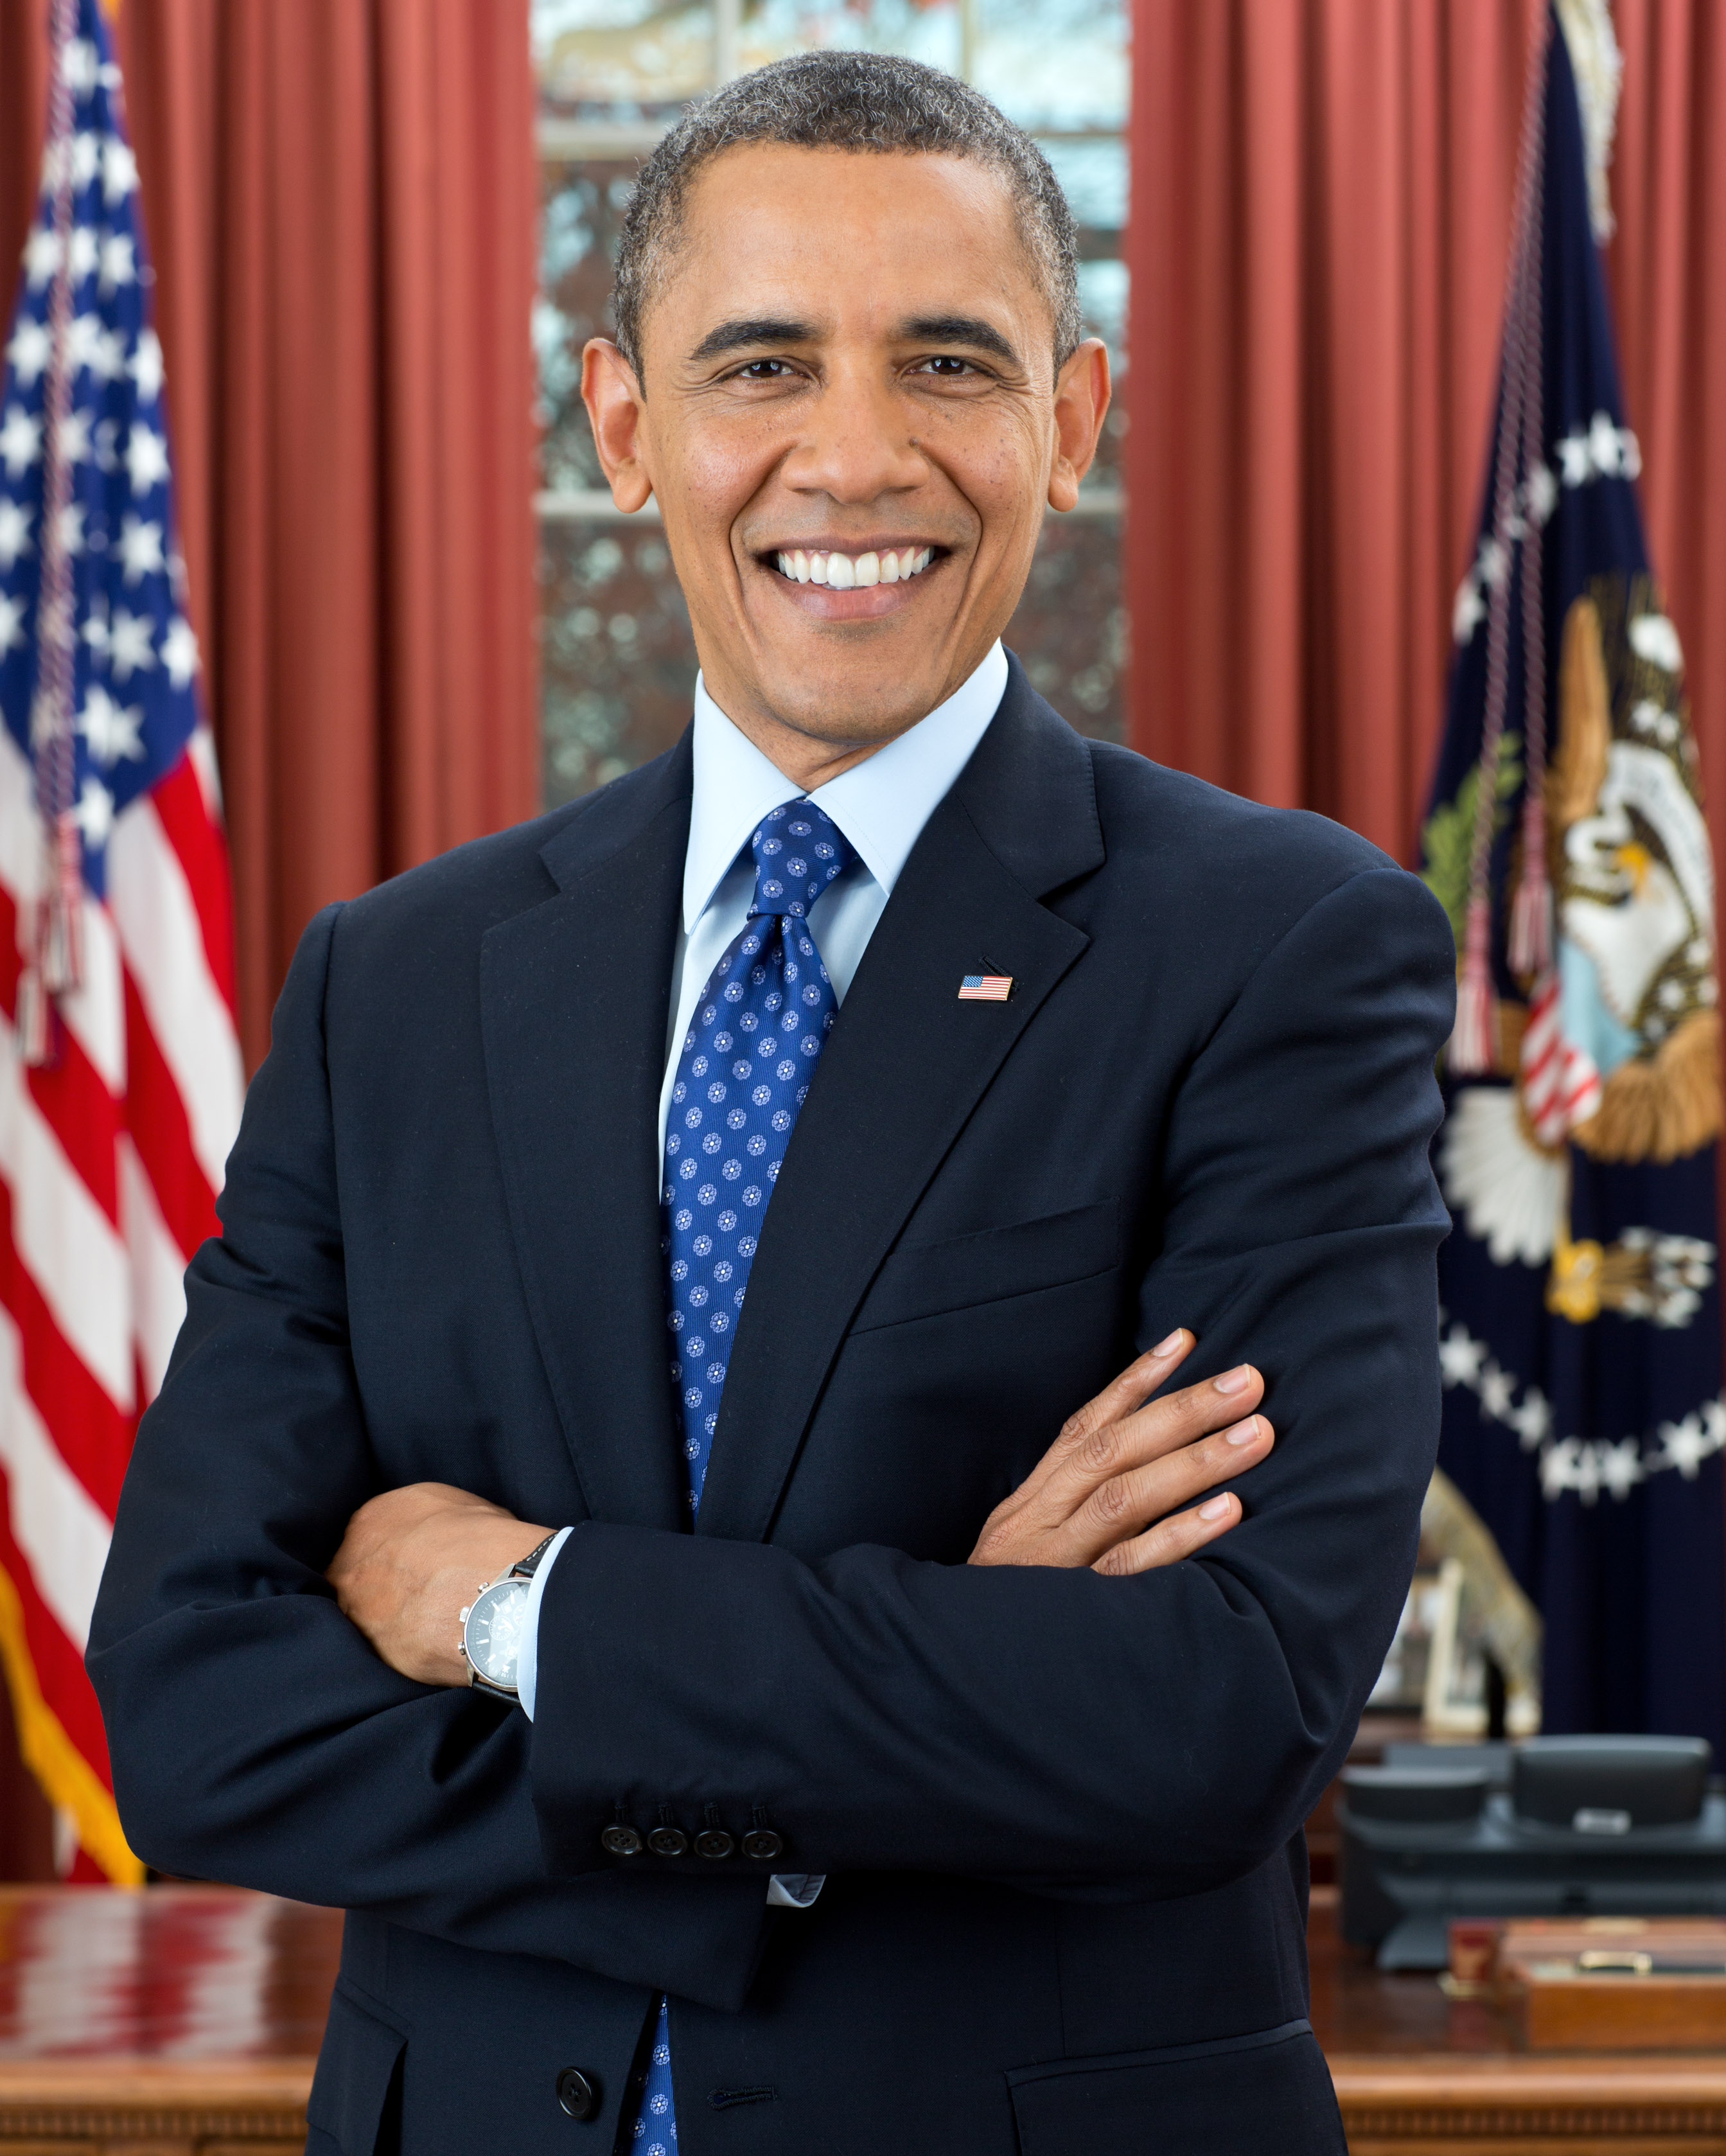 من هو أذكى زعيم خليجي بحسب أوباما